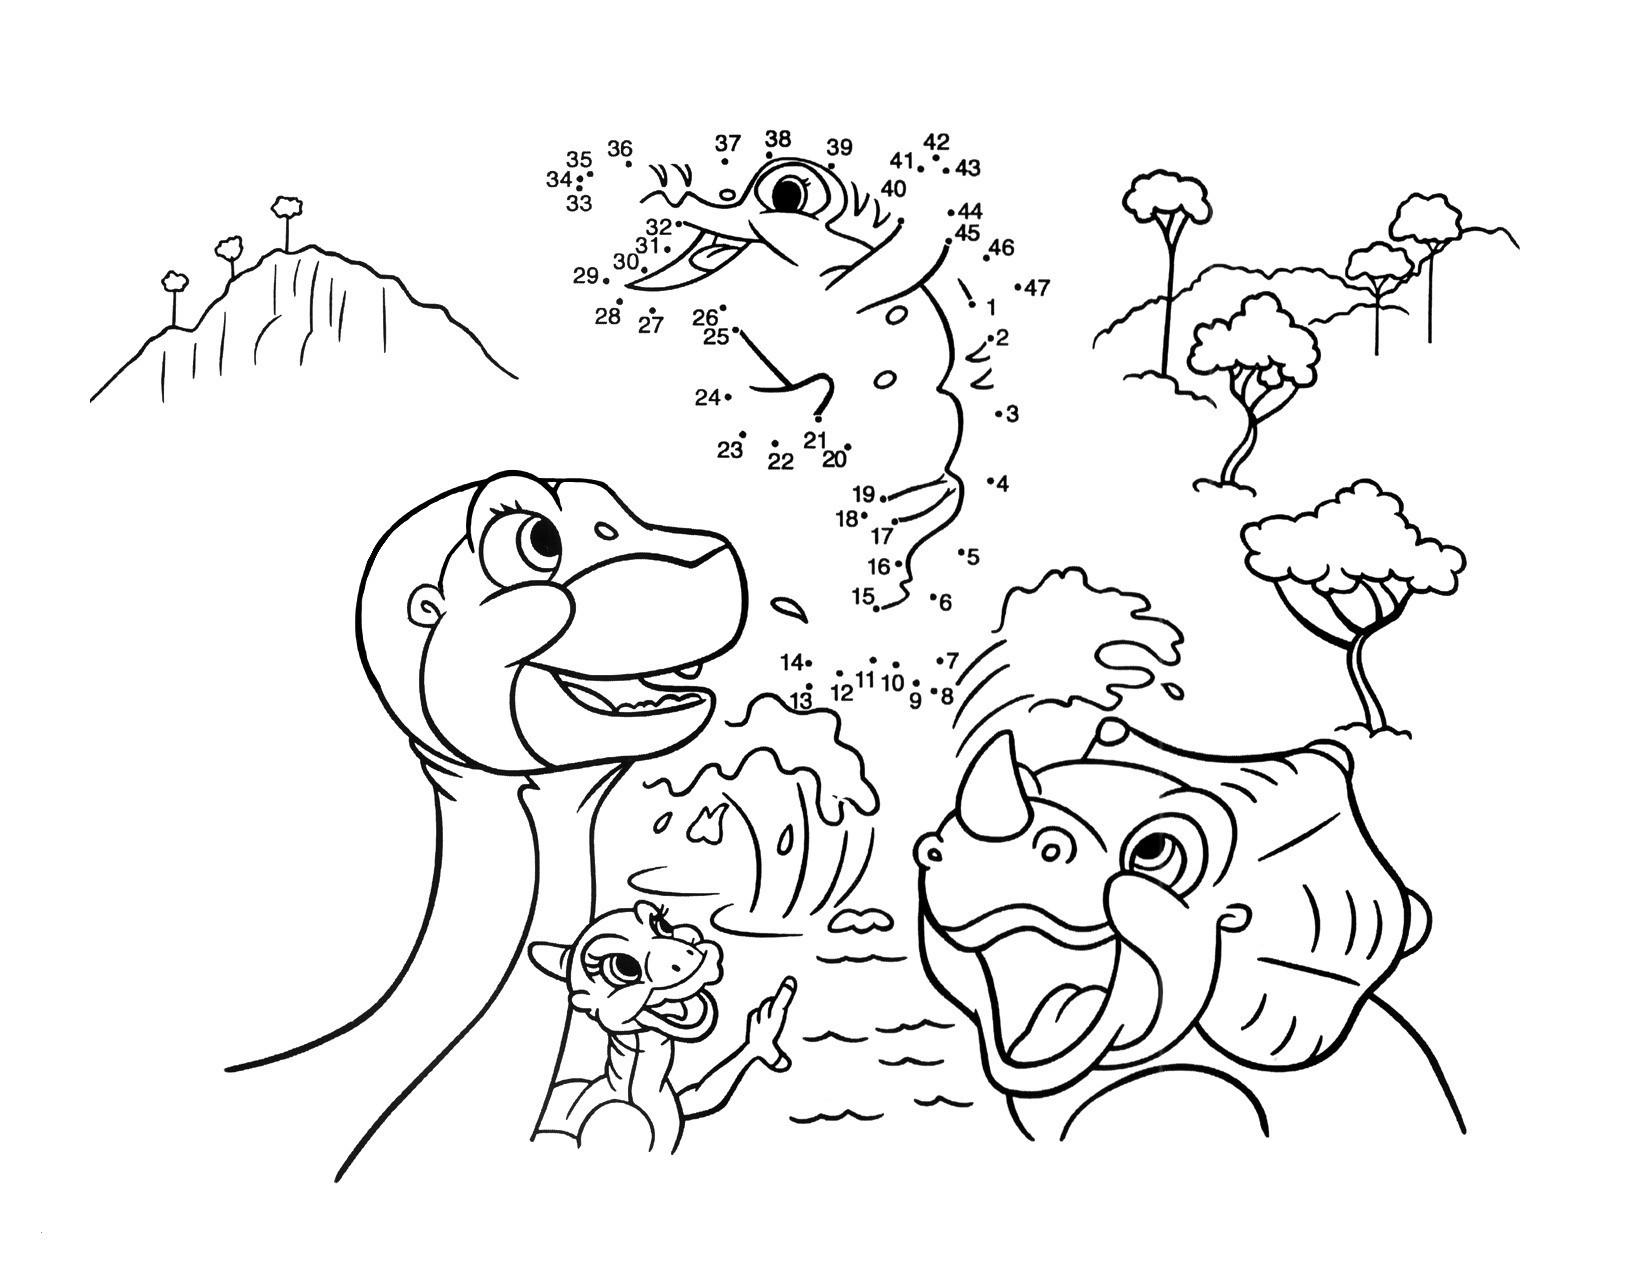 Ausmalbilder Dinosaurier In Einem Land Vor Unserer Zeit Einzigartig Dinosaurier Druckbare Bilder Herrliche In Einem Land Vor Unserer Bild